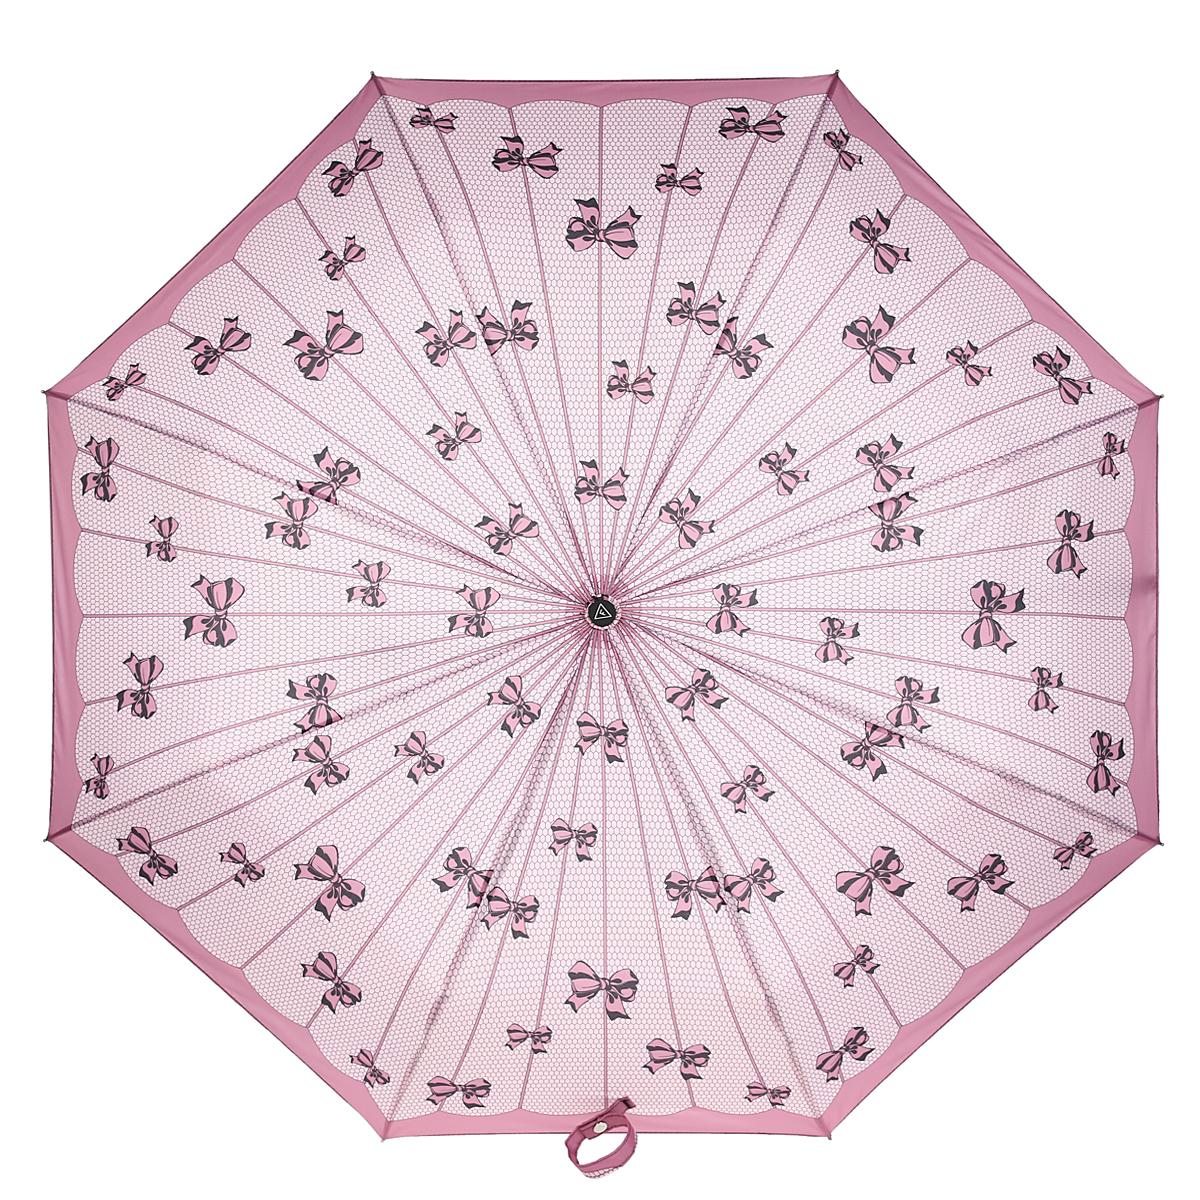 Зонт-автомат женский Fabretti, 3 сложения, цвет: розовый. L-15114-6Fabretti L-15114-6Автоматический зонт торговой марки Fabretti, произведенный из качественных материалов, станет стильным аксессуаром для девушек и женщин любых возрастов. Купол зонтика выполнен из полиэстера, обработанного водоотталкивающей пропиткой, и оформлен орнаментом в виде милых бантиков. Каркас зонта изготовлен из восьми металлических спиц, стержня и ручки с полиуретановым покрытием, разработанной с учетом эргономических требований. Зонт оснащен автоматическим механизмом в три сложения. Купол открывается и закрывается нажатием кнопки на рукоятке, благодаря чему открыть и закрыть зонт можно одной рукой, что очень удобно при входе в транспорт или помещение, стержень складывается вручную до характерного щелчка. Рукоятка зонта для удобства оснащена шнурком, позволяющим при необходимости надеть зонт на руку. Благодаря компактным размерам зонта в сложенном виде, можно без труда поместить его в сумочку. Зонт поставляется в чехле. Женский зонт Fabretti не только...